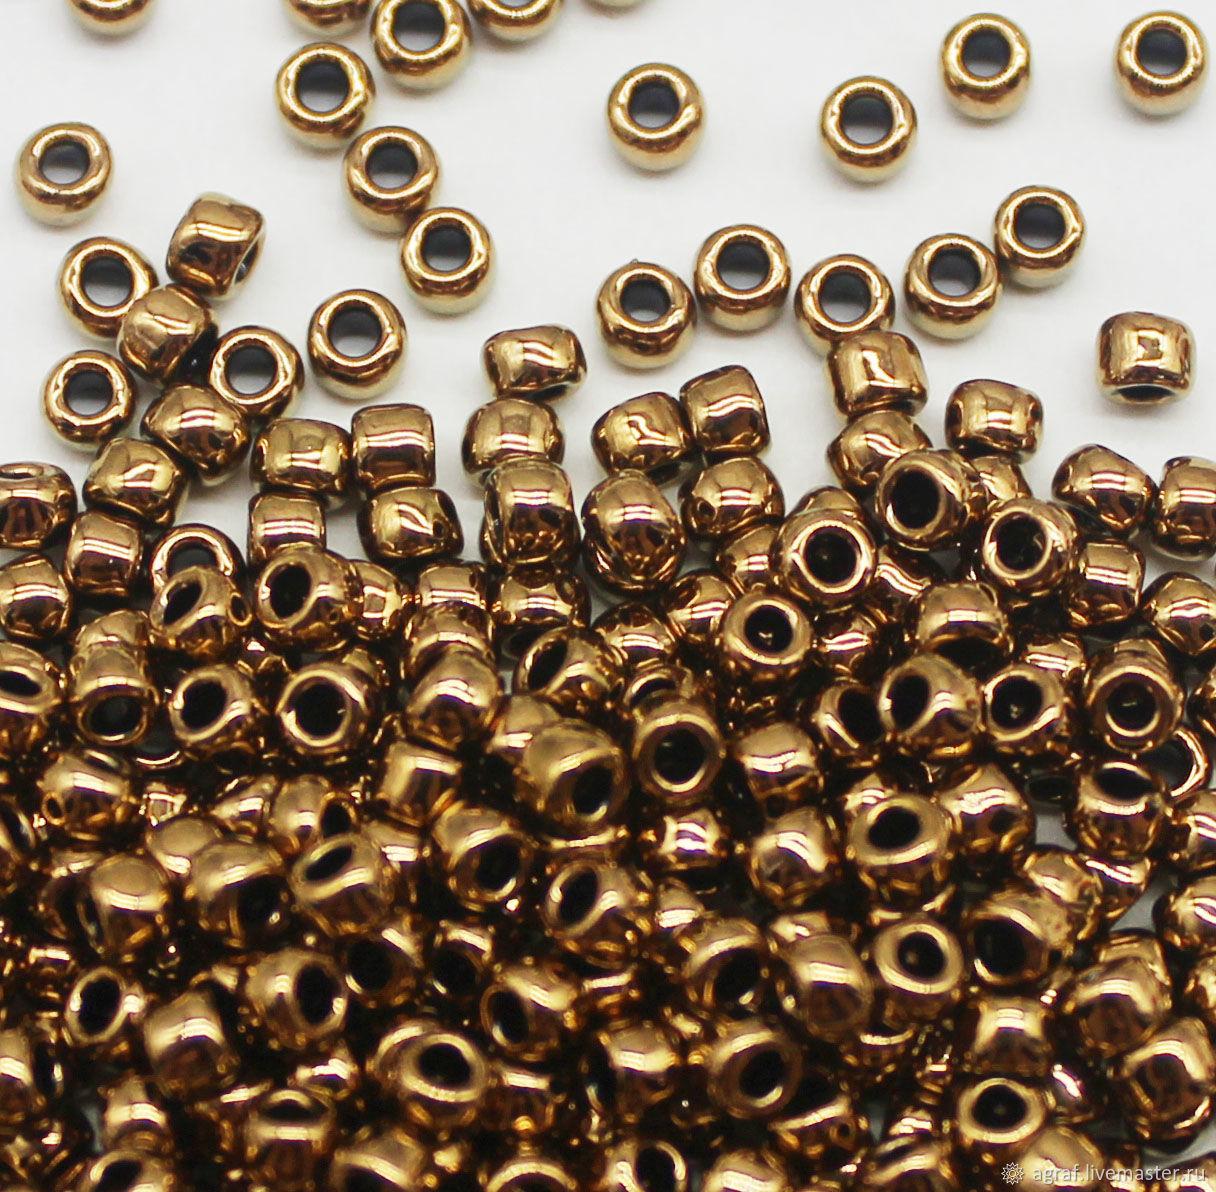 Круглый 8/0 TOHO 221 Bronze Тохо японский бисер, Бисер, Соликамск,  Фото №1